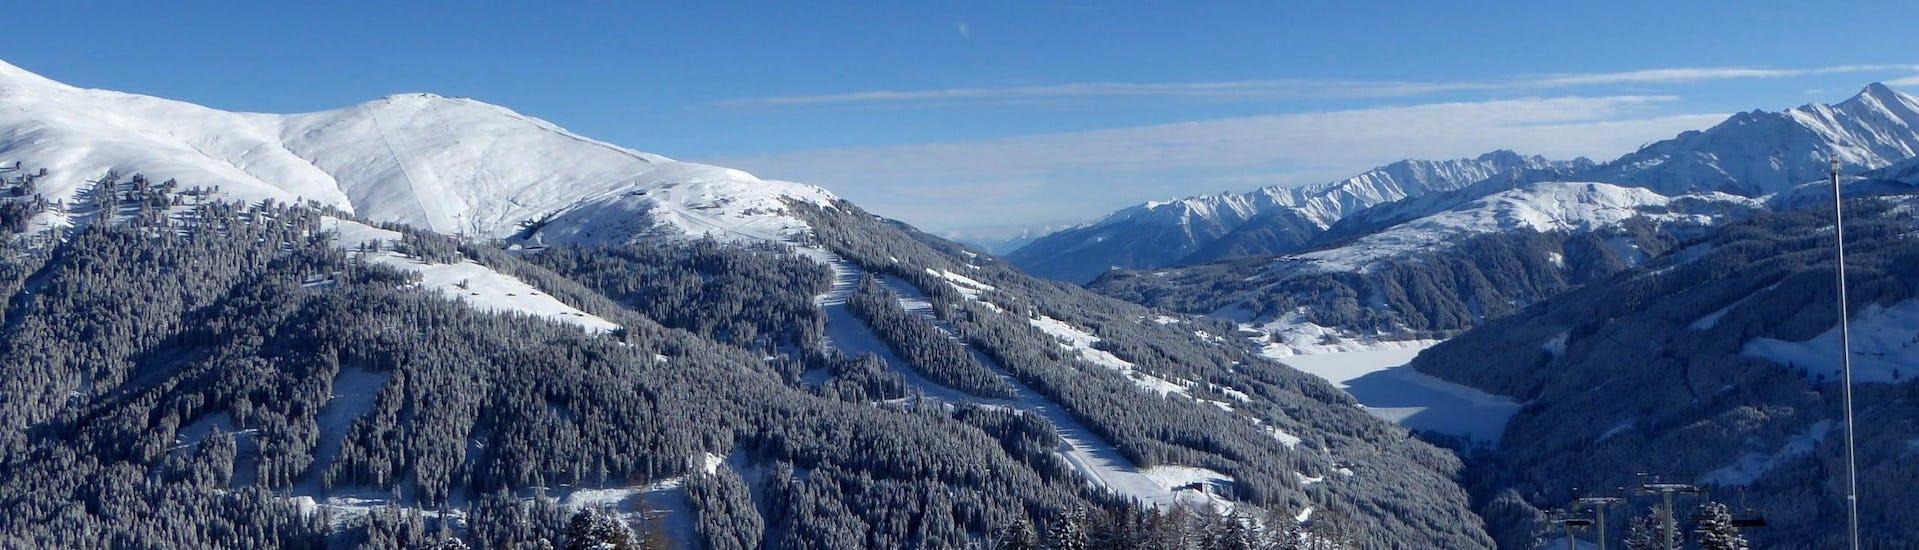 Vista del paesaggio montano soleggiato durante un corso di sci con scuole di sci a Gerlos.